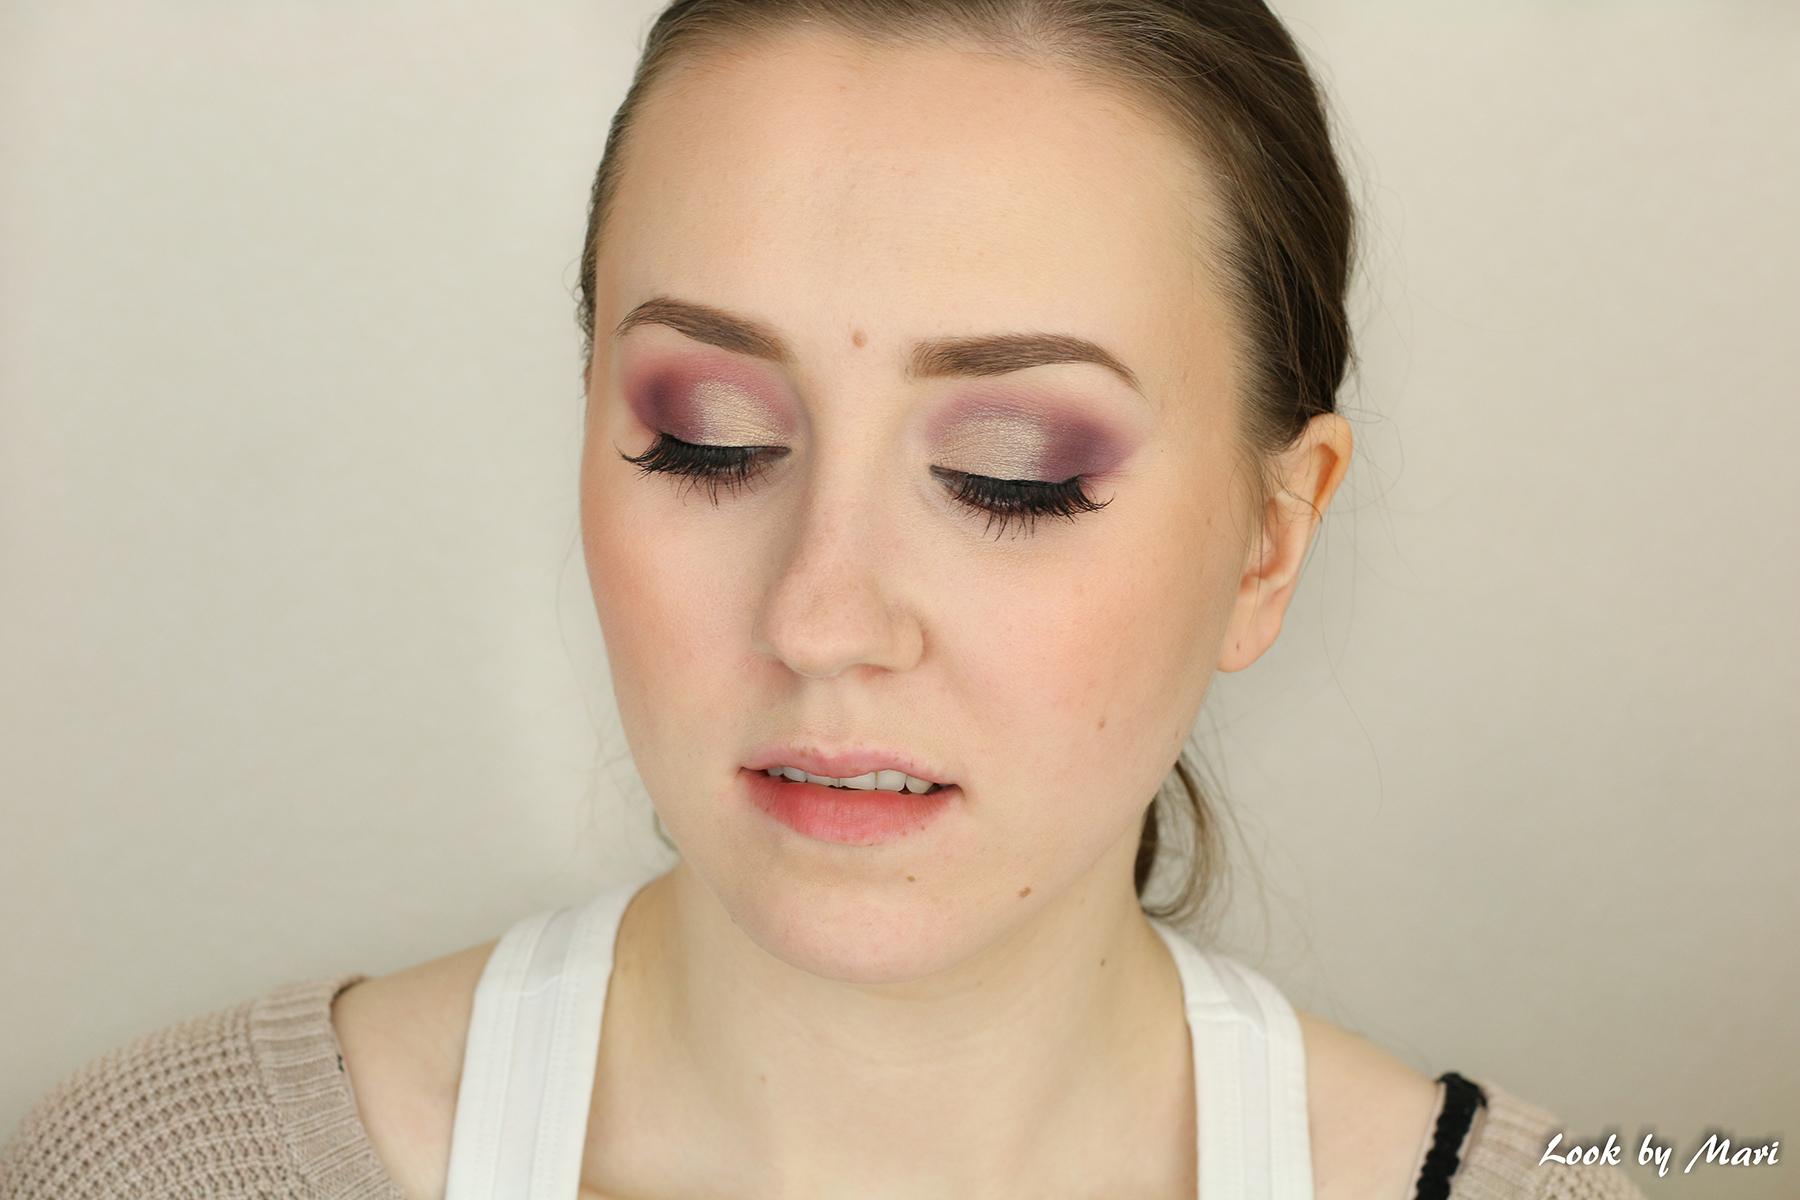 4 oikea oppinen meikinpoisto vaihe vaiheelta blogi kuinka poistaa meikit